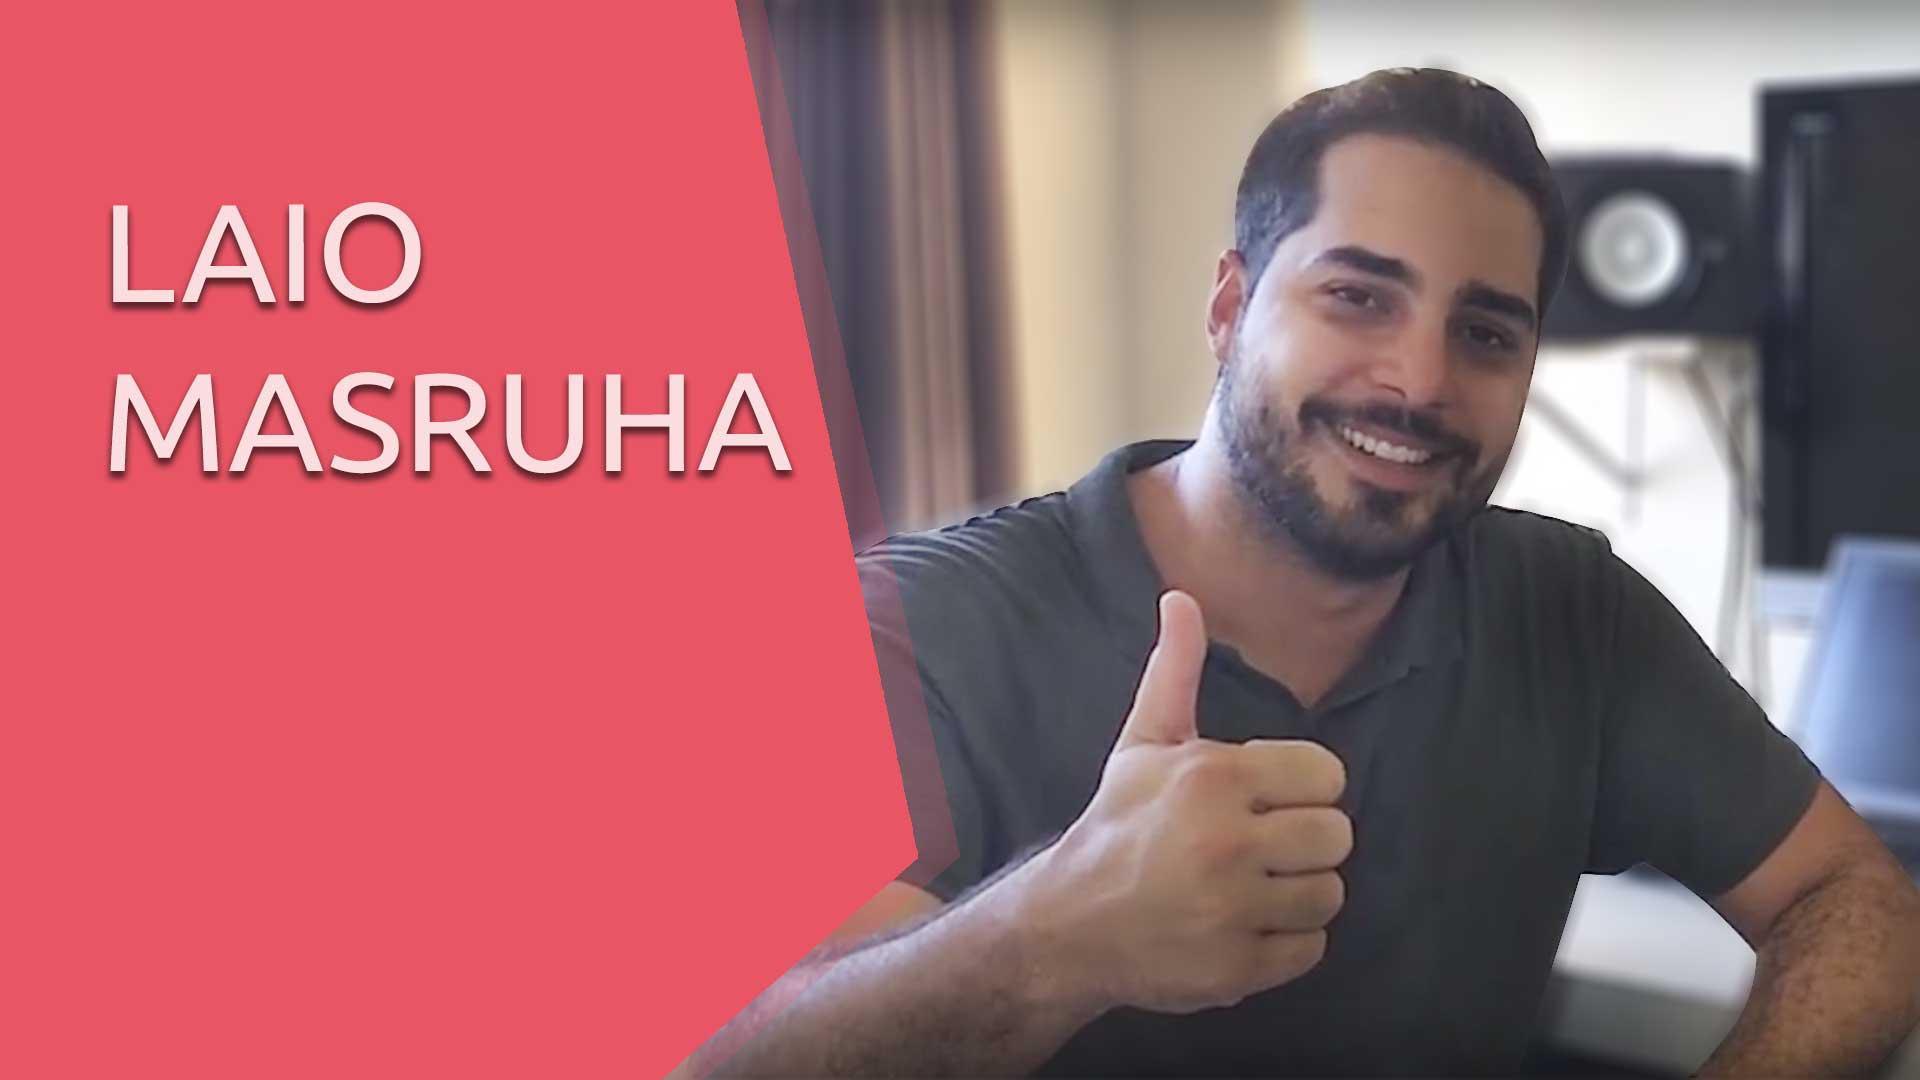 Veja o que Laio Masruha Pereira tem a dizer sobre a UpInside - Depoimento